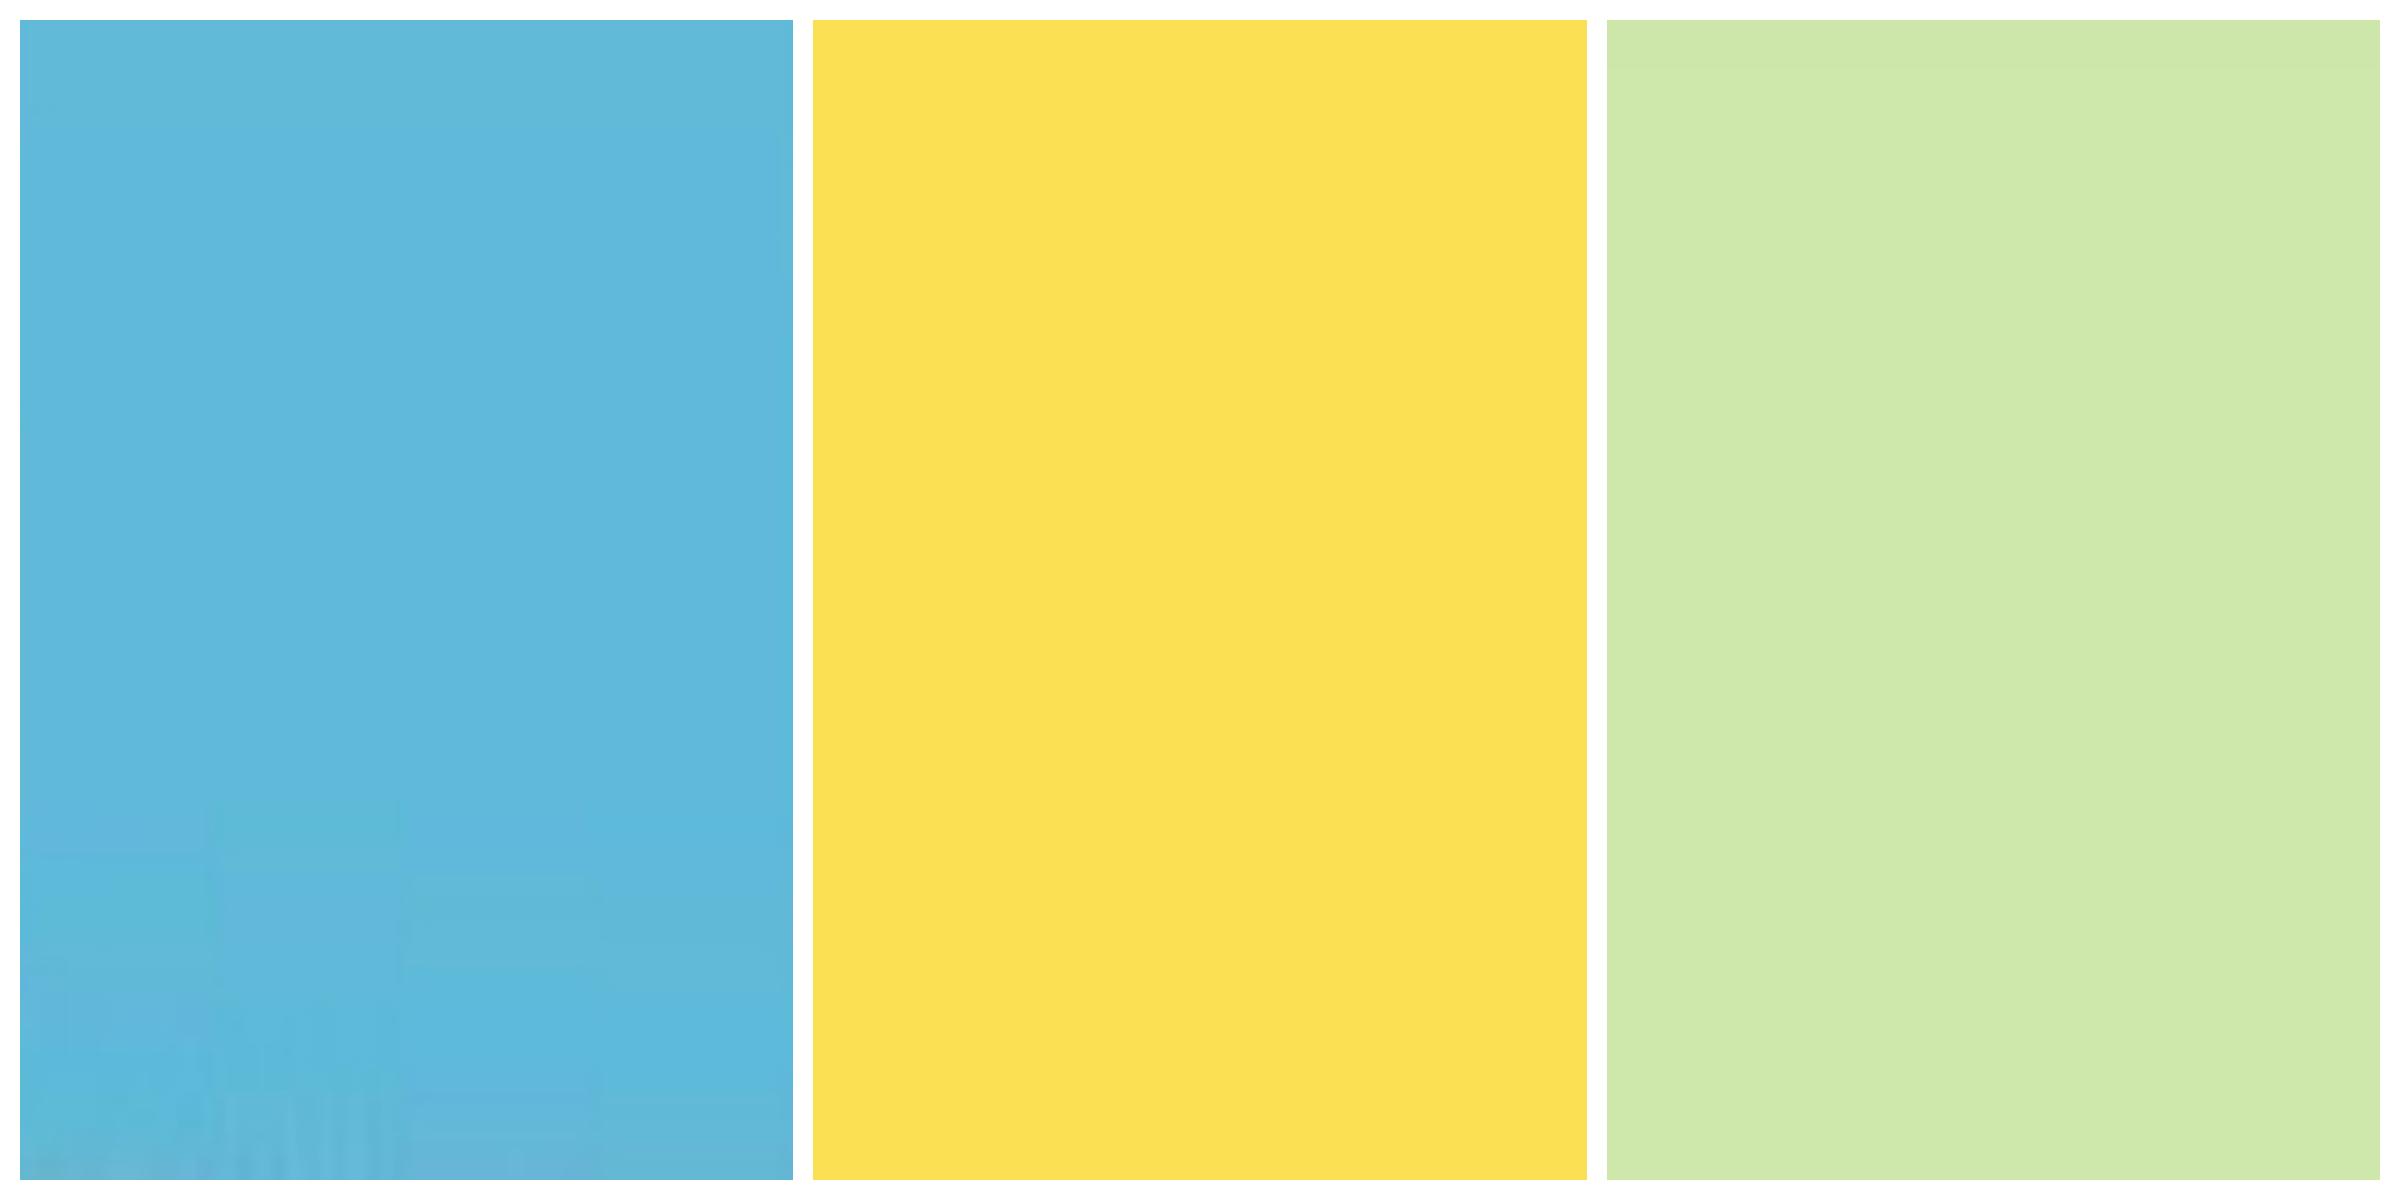 Paint-sample-colors